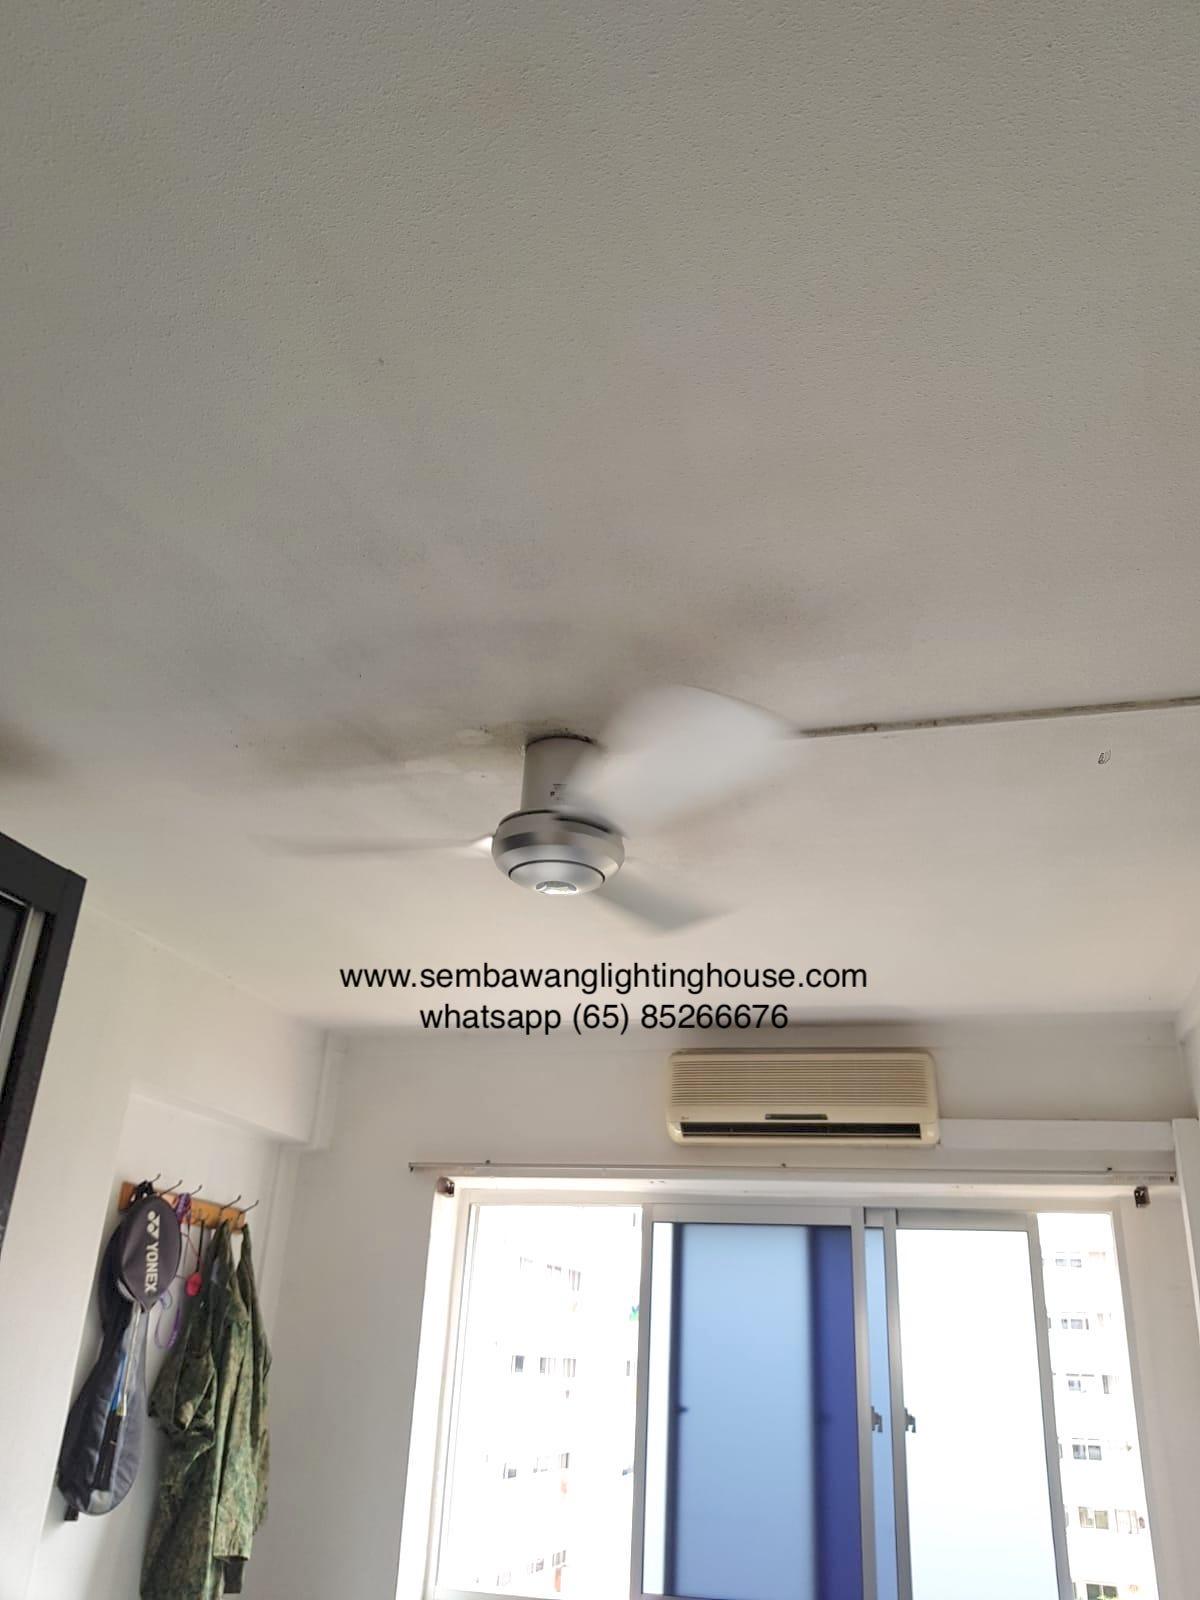 kdk-m11su-silver-ceiling-fan-sembawang-lighting-house-sample-02.jpg